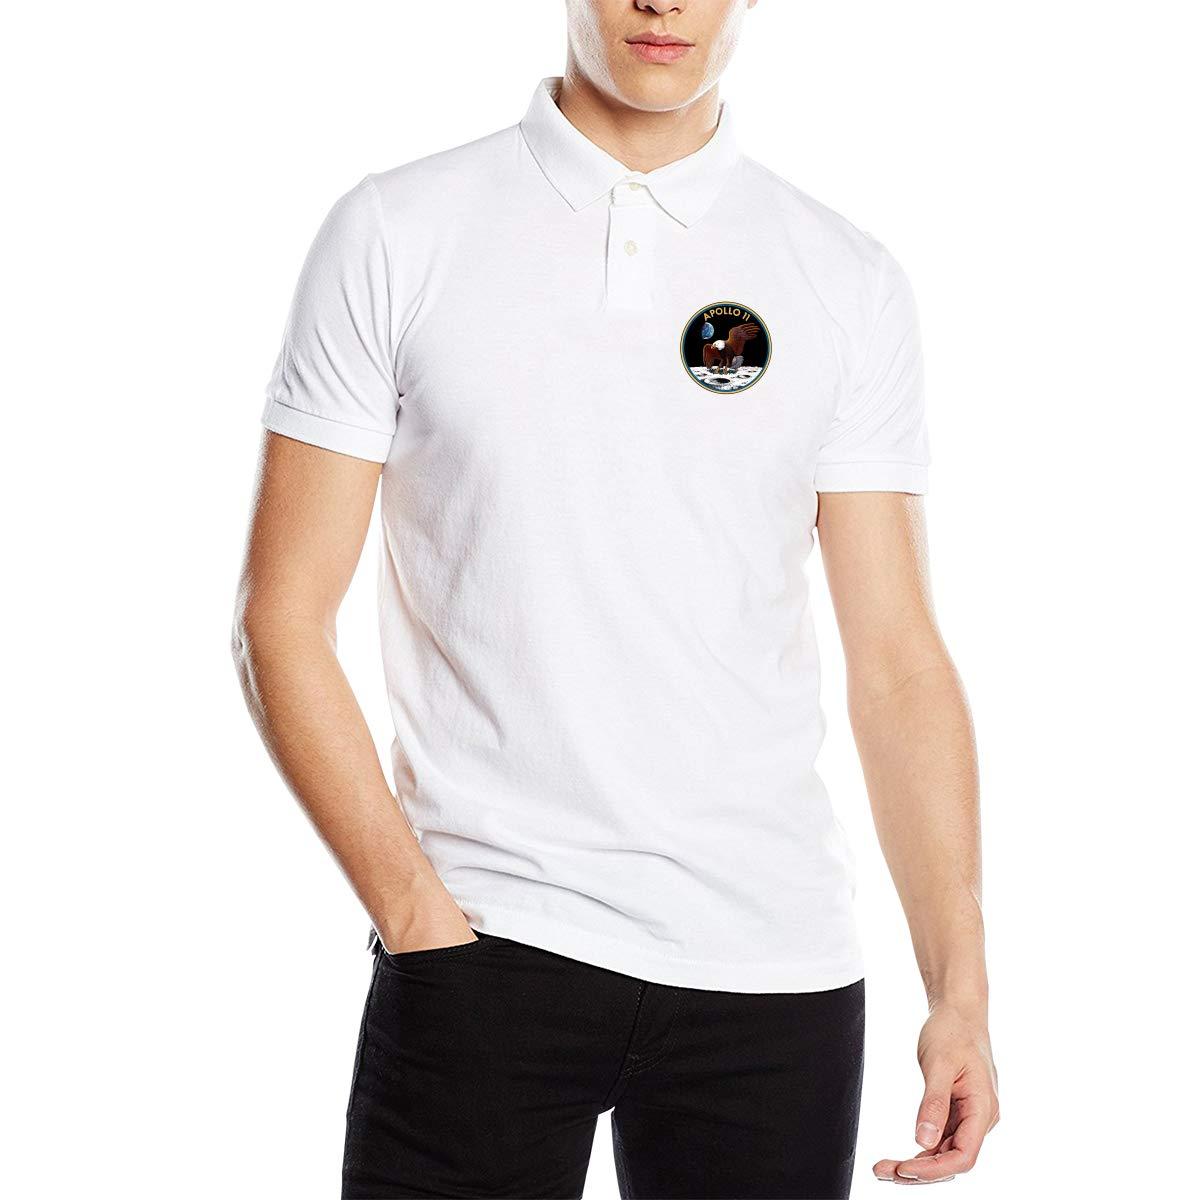 YONG-SHOP Apollo 11 Mens Regular-Fit Cotton Polo Shirt